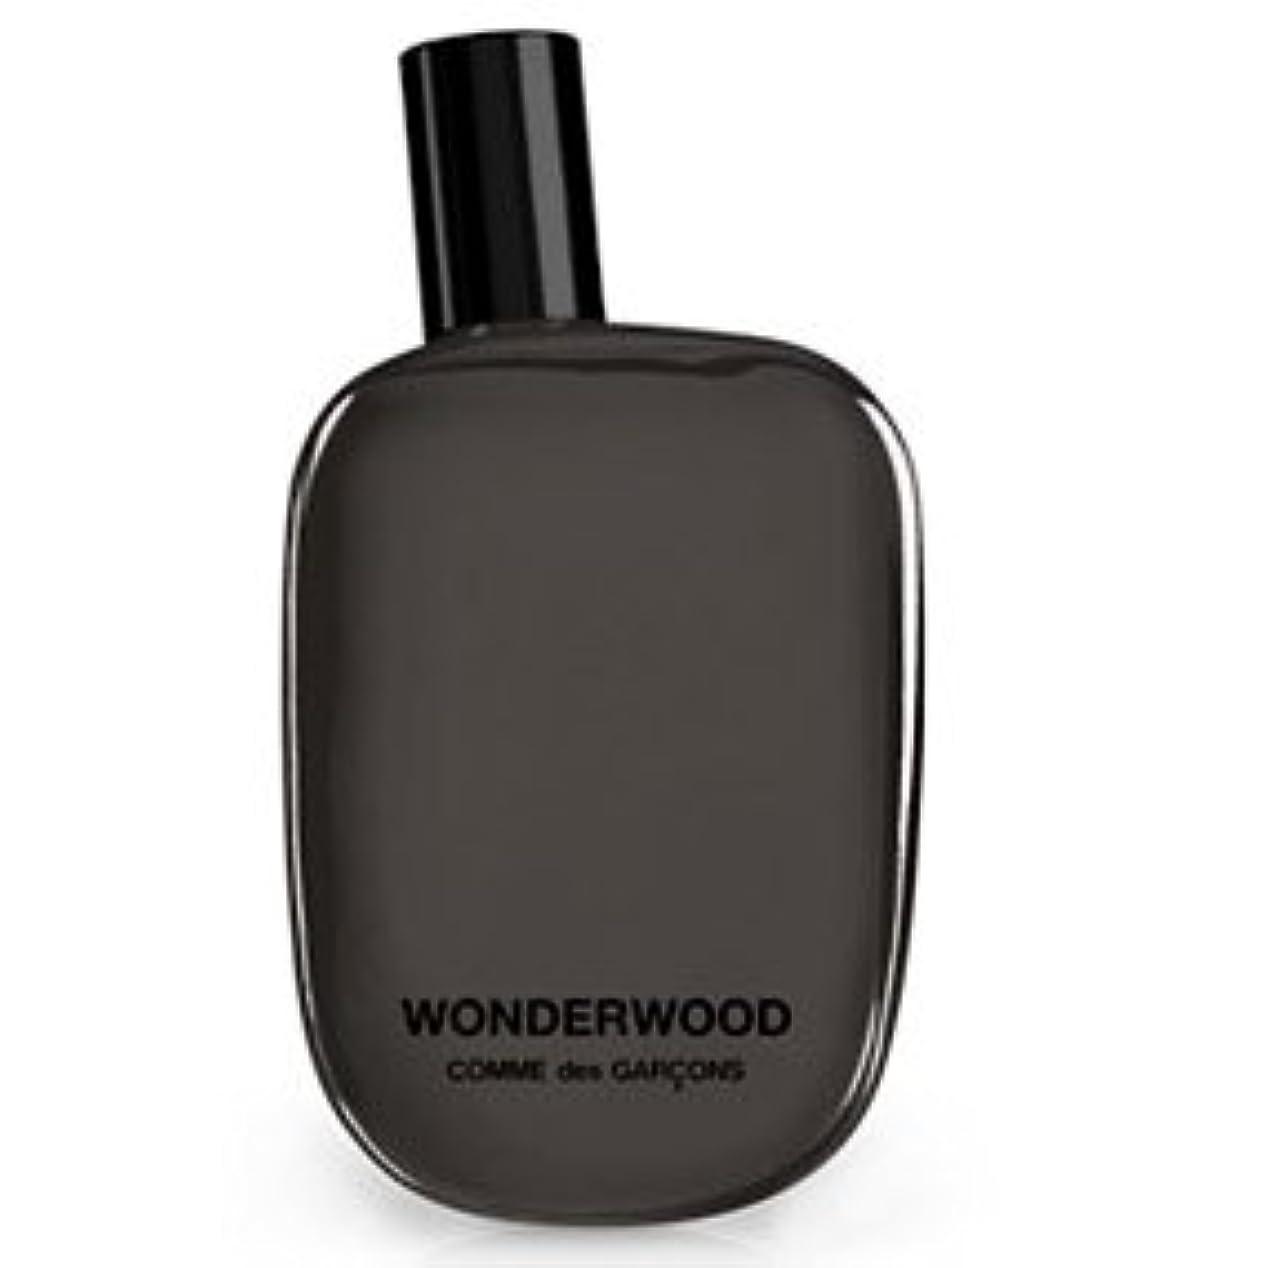 ファイアルバス取り壊すWonderwood (ワンダーウッド) 3.4 oz (100ml) EDP Spray by Comme des Garcons for Women